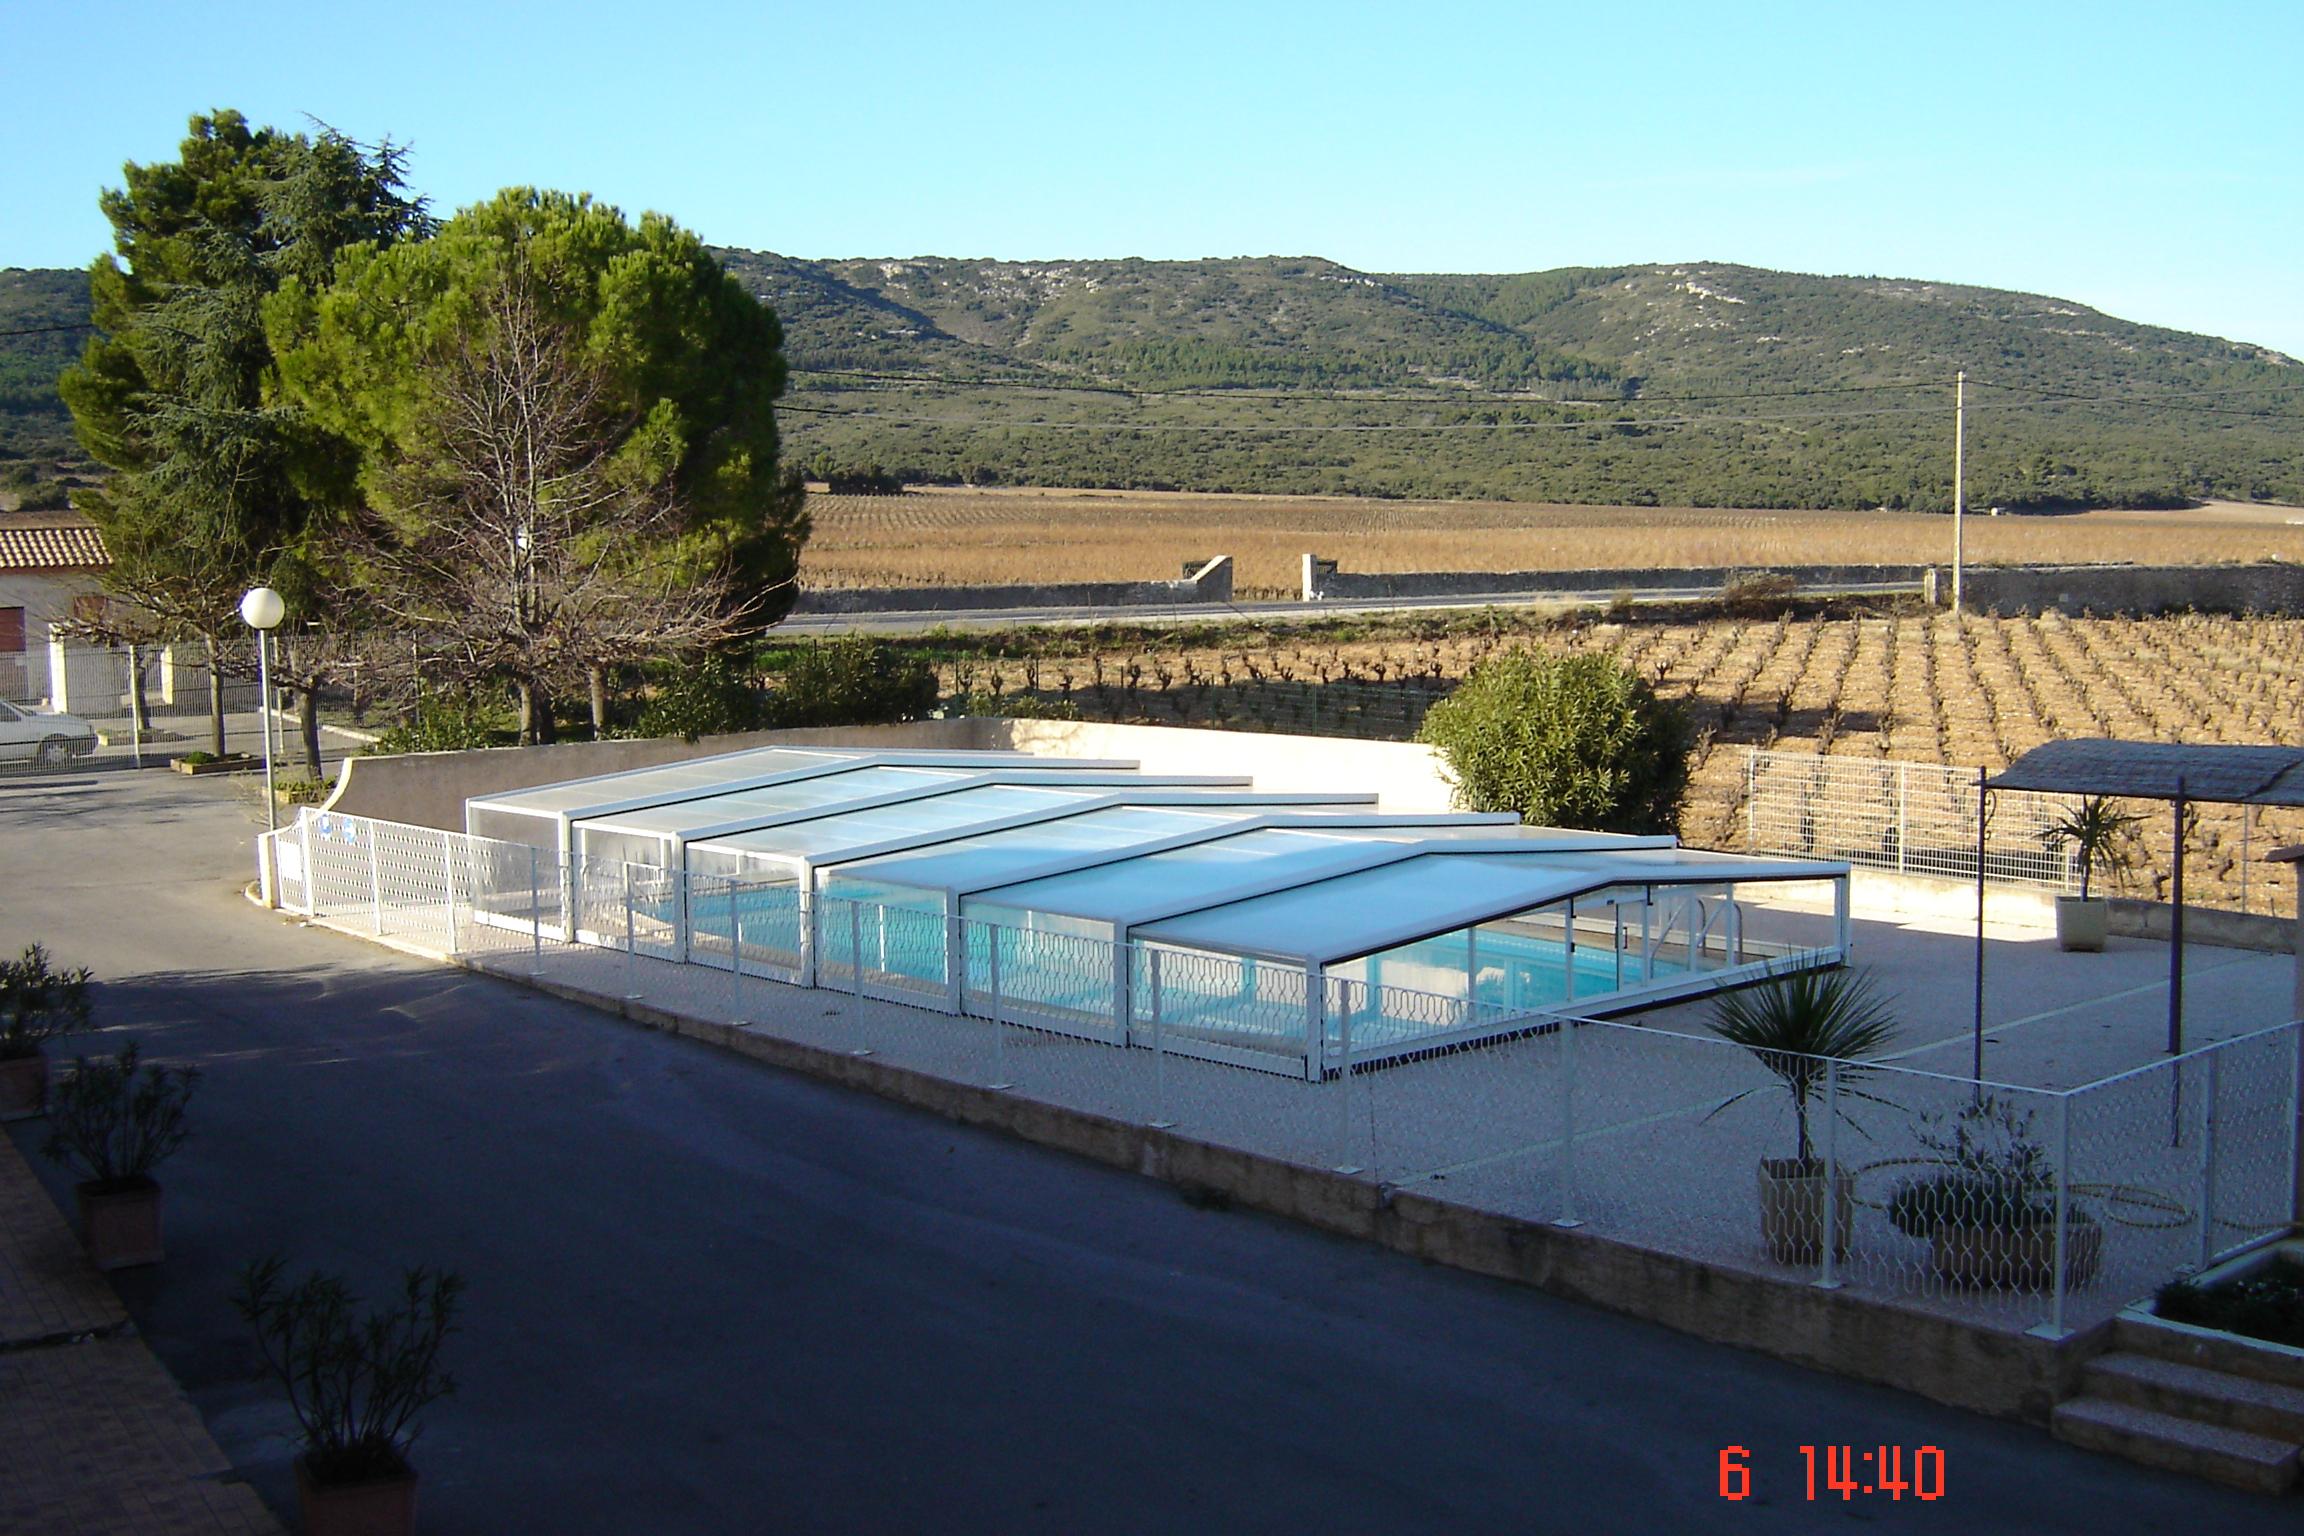 R paration abris de piscine eureka et autres for Reparation abri piscine